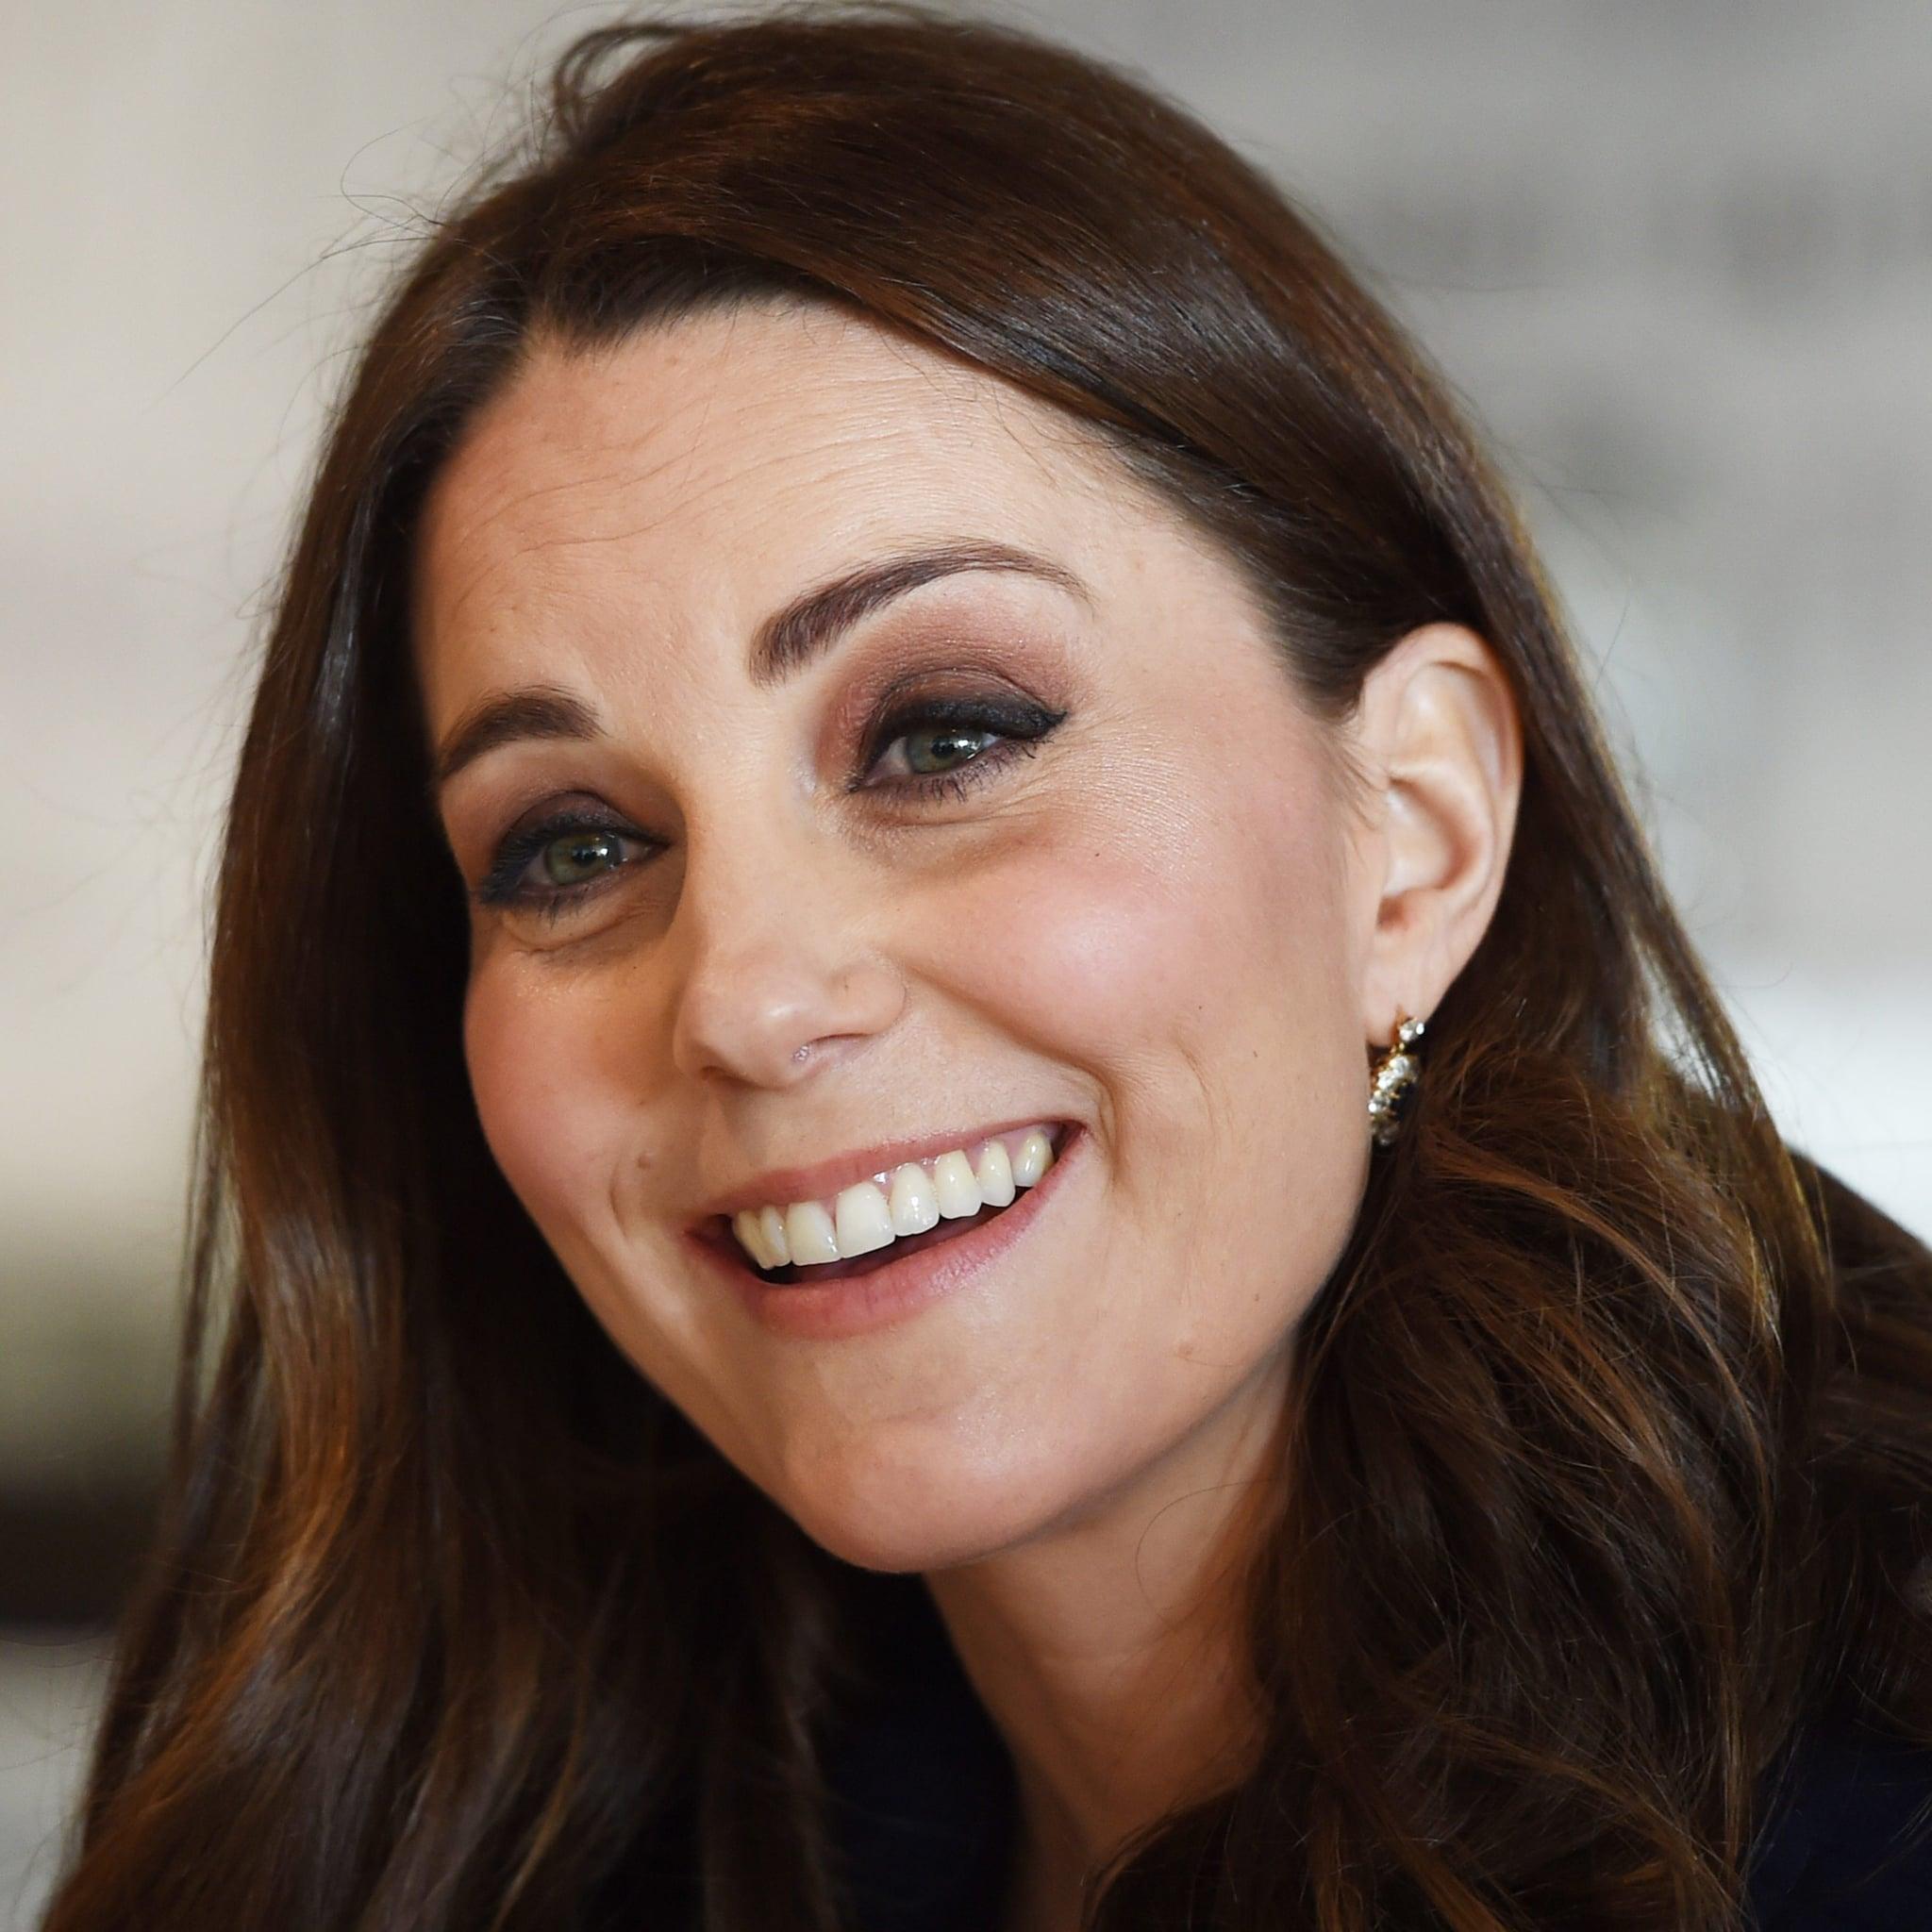 Kate Middleton Smoky Eye Popsugar Beauty